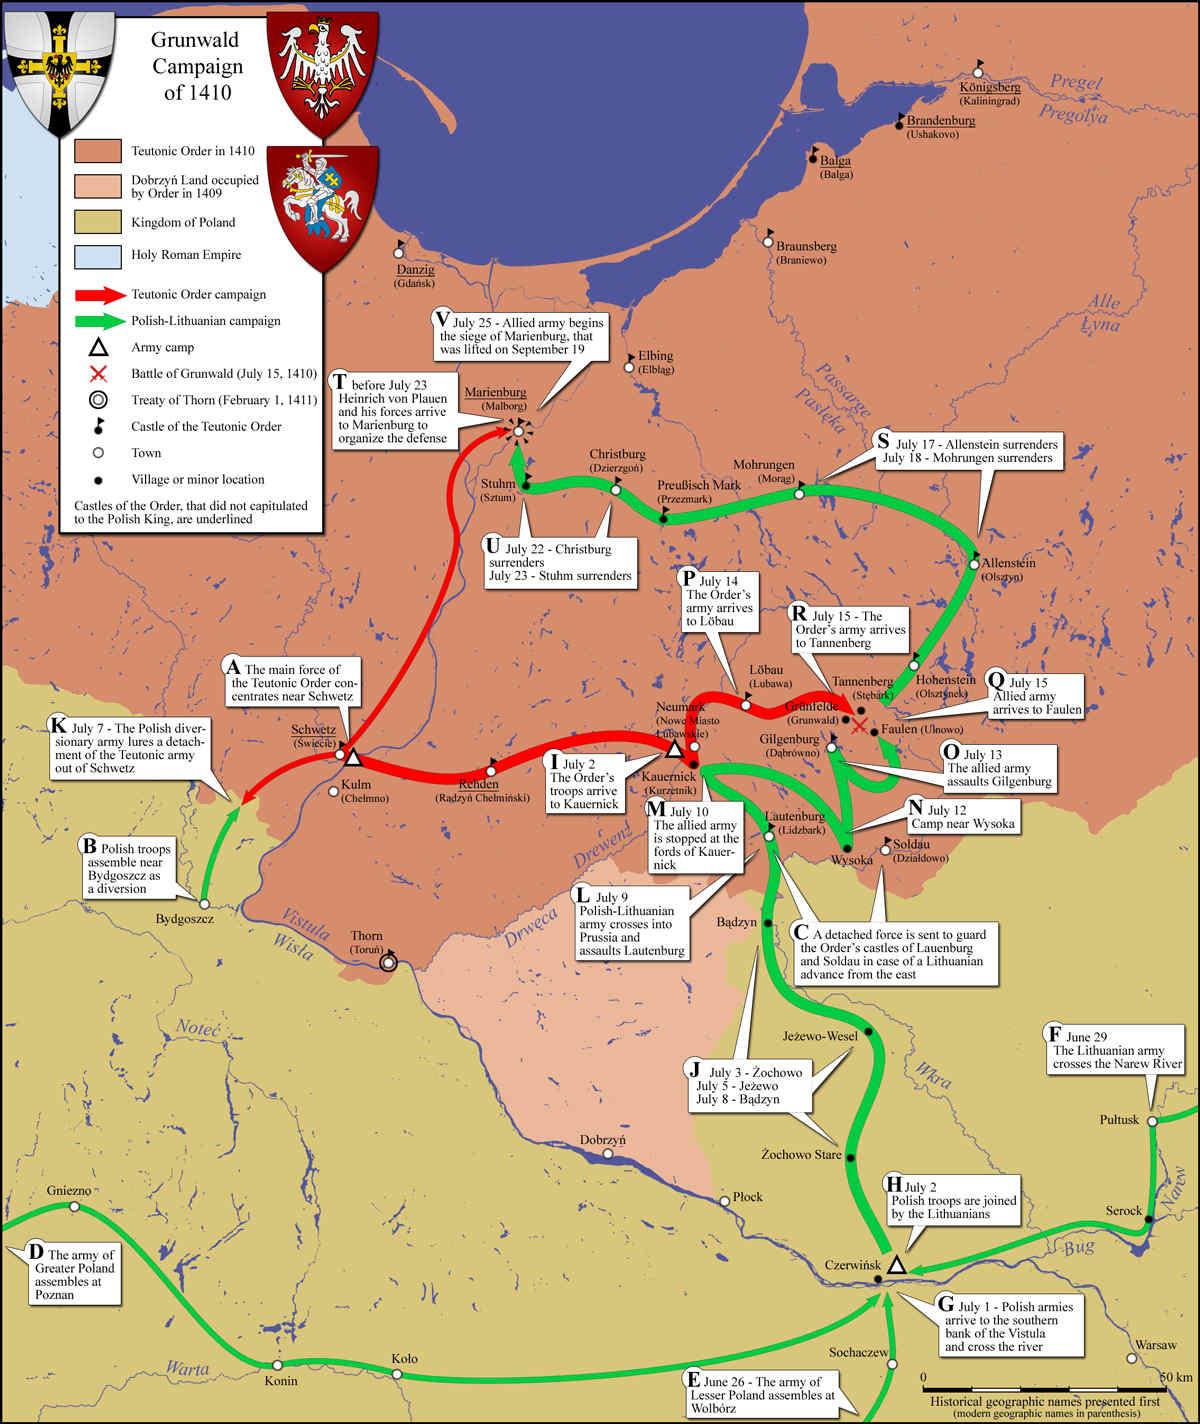 Mapa de los movimientos de los ejércitos en la campaña de Grunwald. En rojo, las fuerzas teutónicas. En verde, el ejército polaco-lituano. (CC BY-SA 3.0)